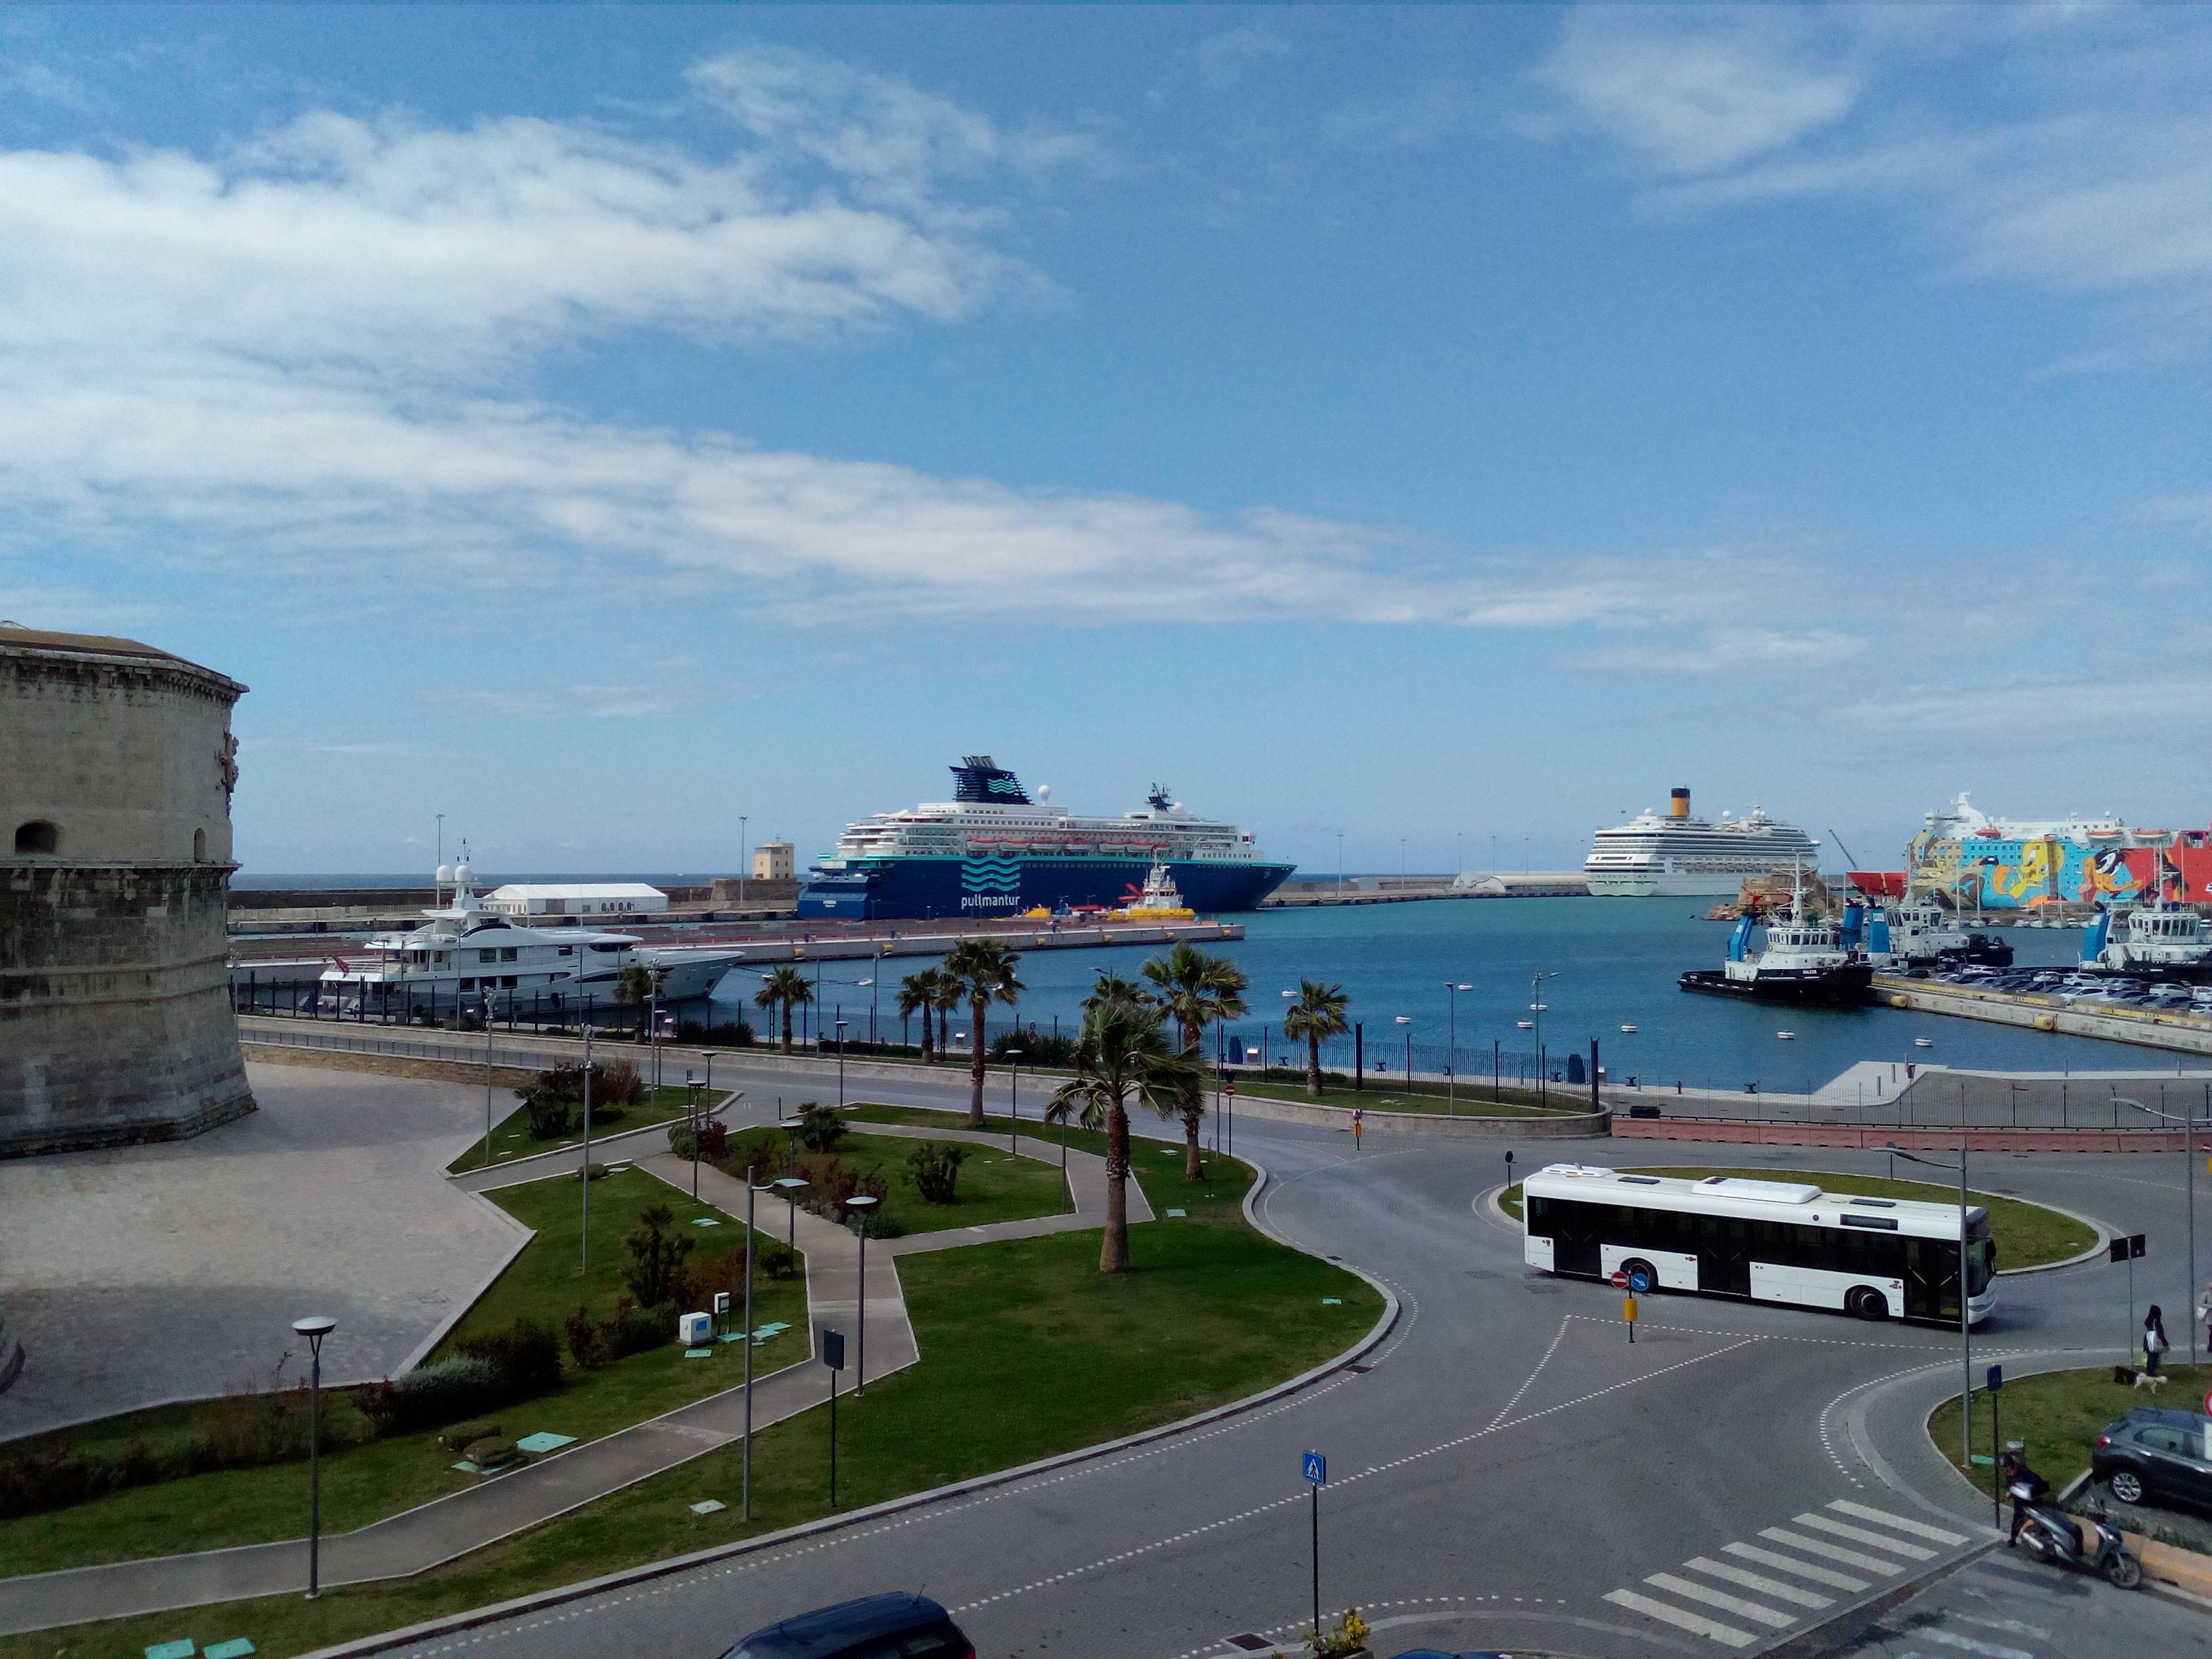 Porto di Civitavecchia, ricoverato allo Spallanzani per presunta febbre era su una nave da crociera